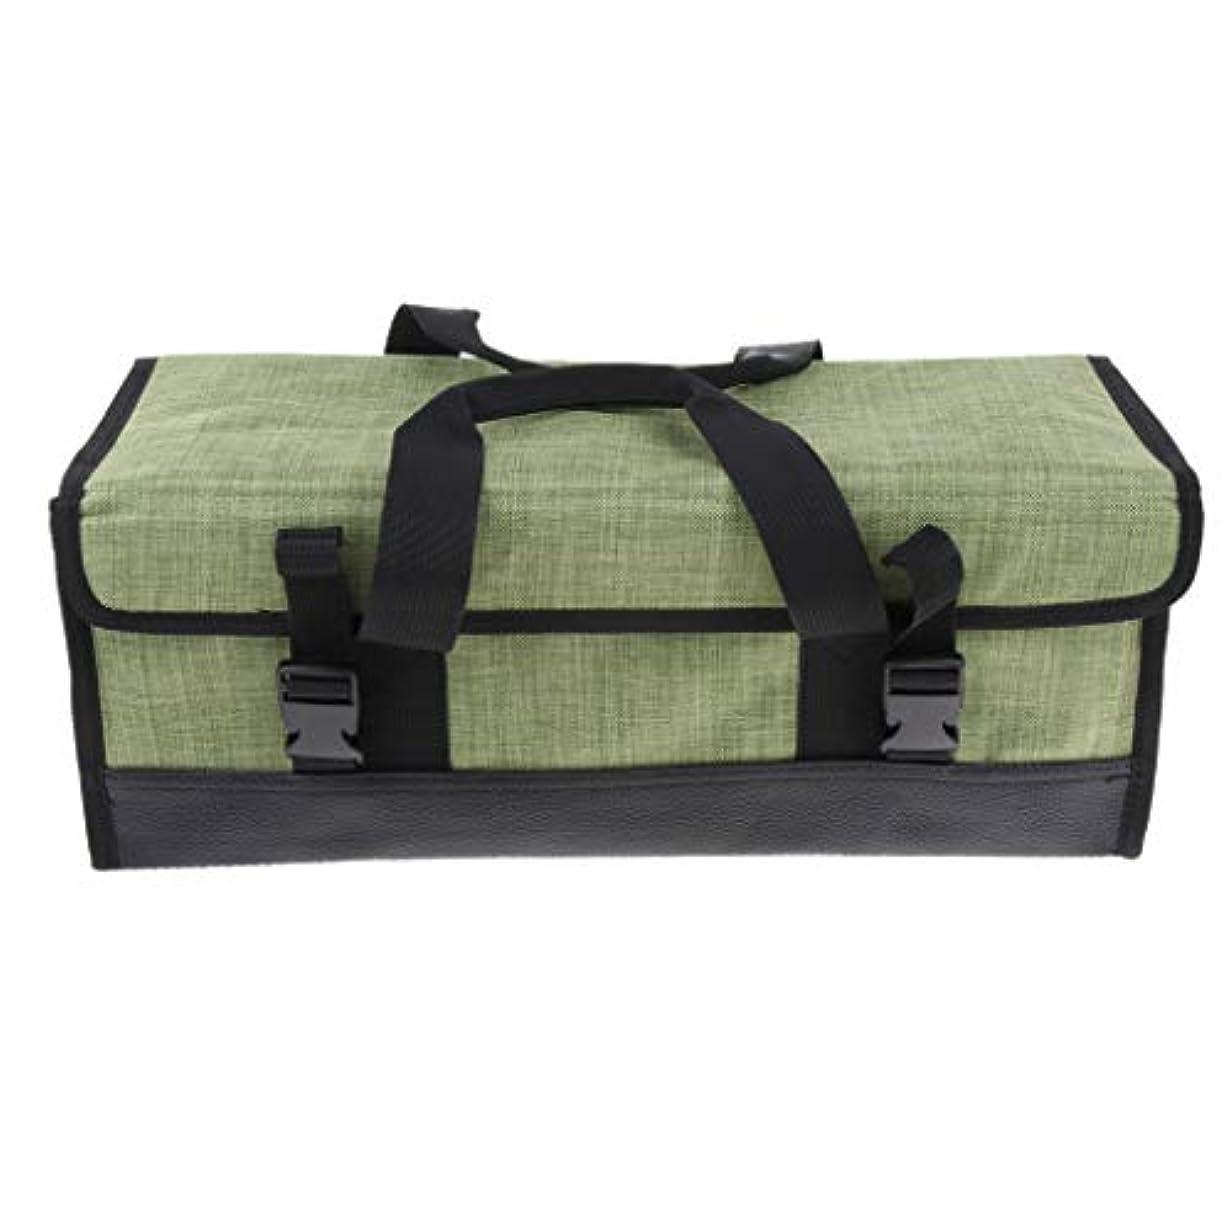 承認するなんとなく準備したSharplace キャンプ用具バッグ テントネイルバッグ 収納バッグ ステークホルダー ツールケース 全3色